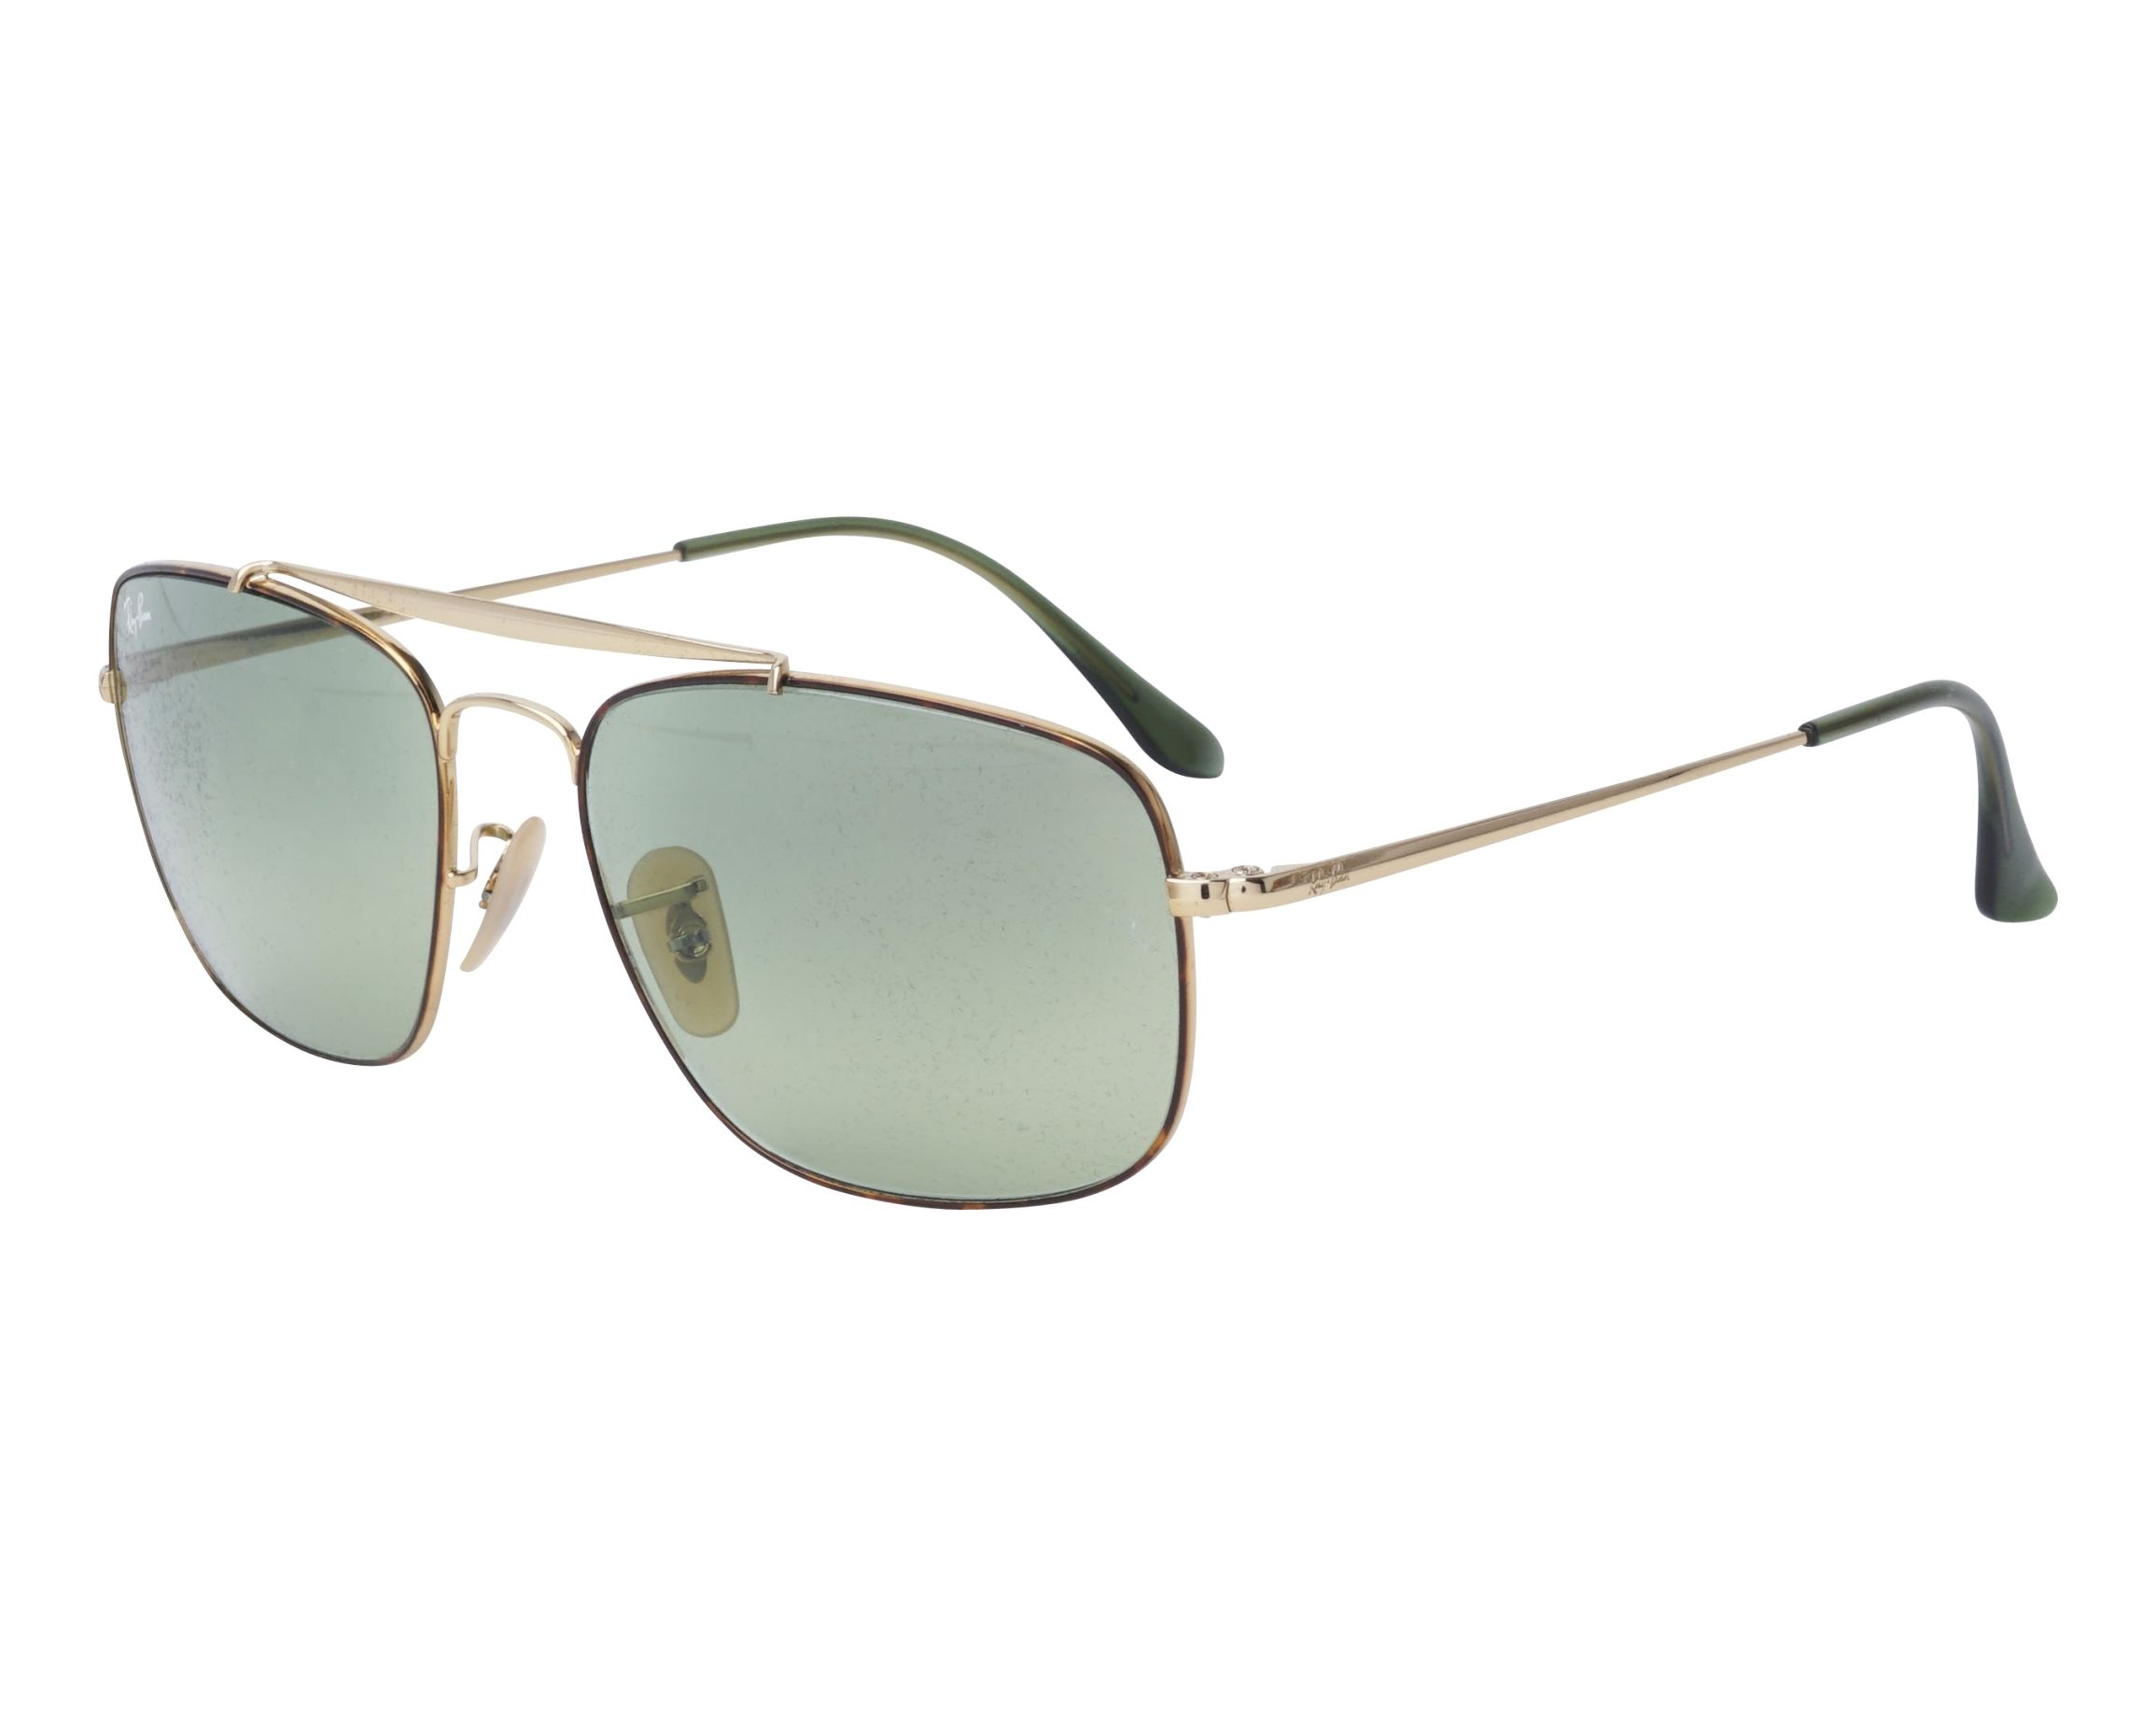 3a3d252878 Gafas de sol Ray-Ban RB-3560 91034M 58-17 Oro Havana vista